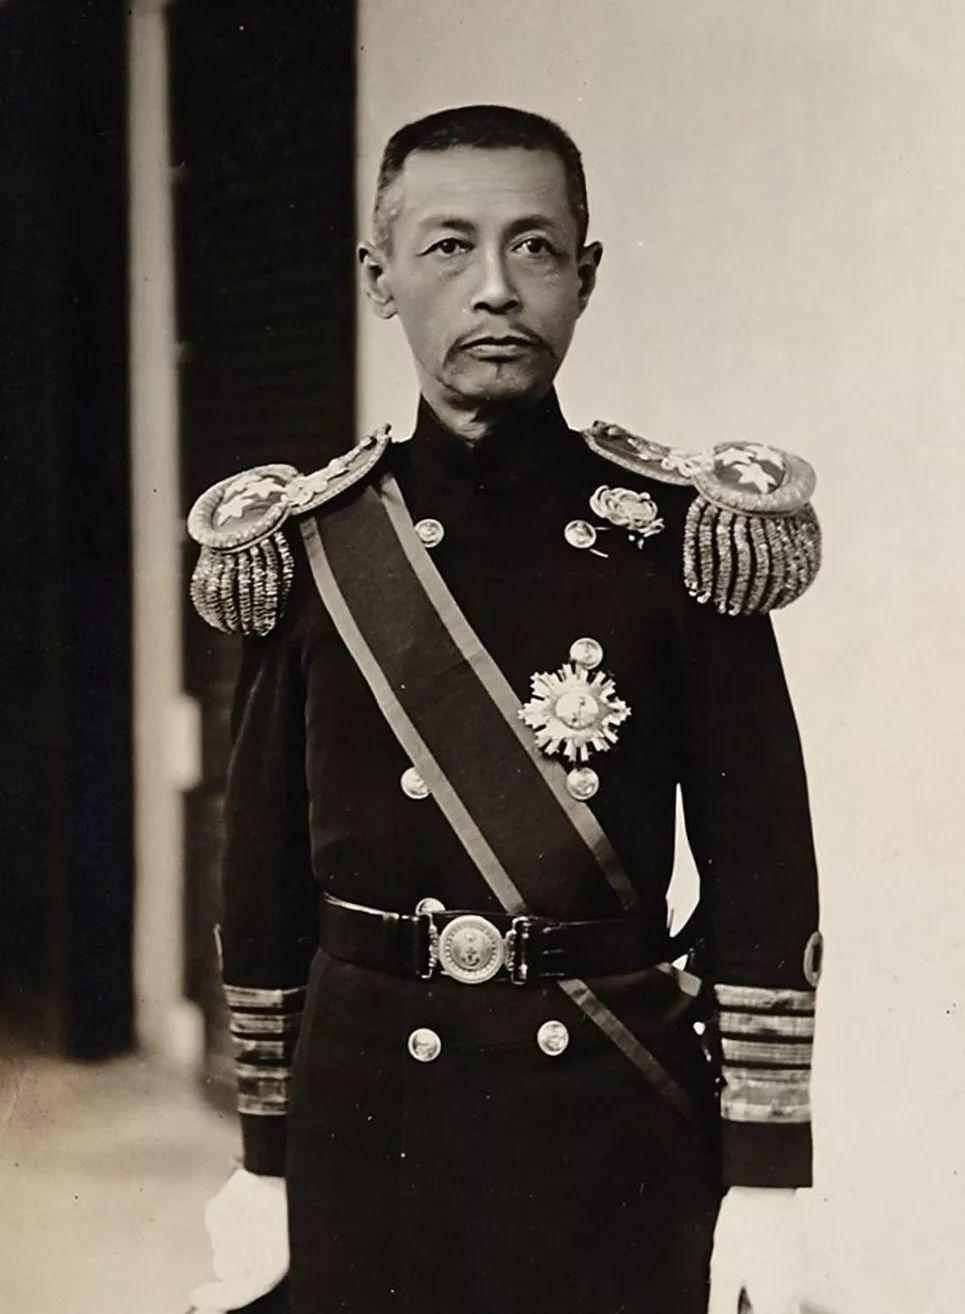 他是蒙古族后裔,担任民国海军司令,没想到书法温婉有才情 第1张